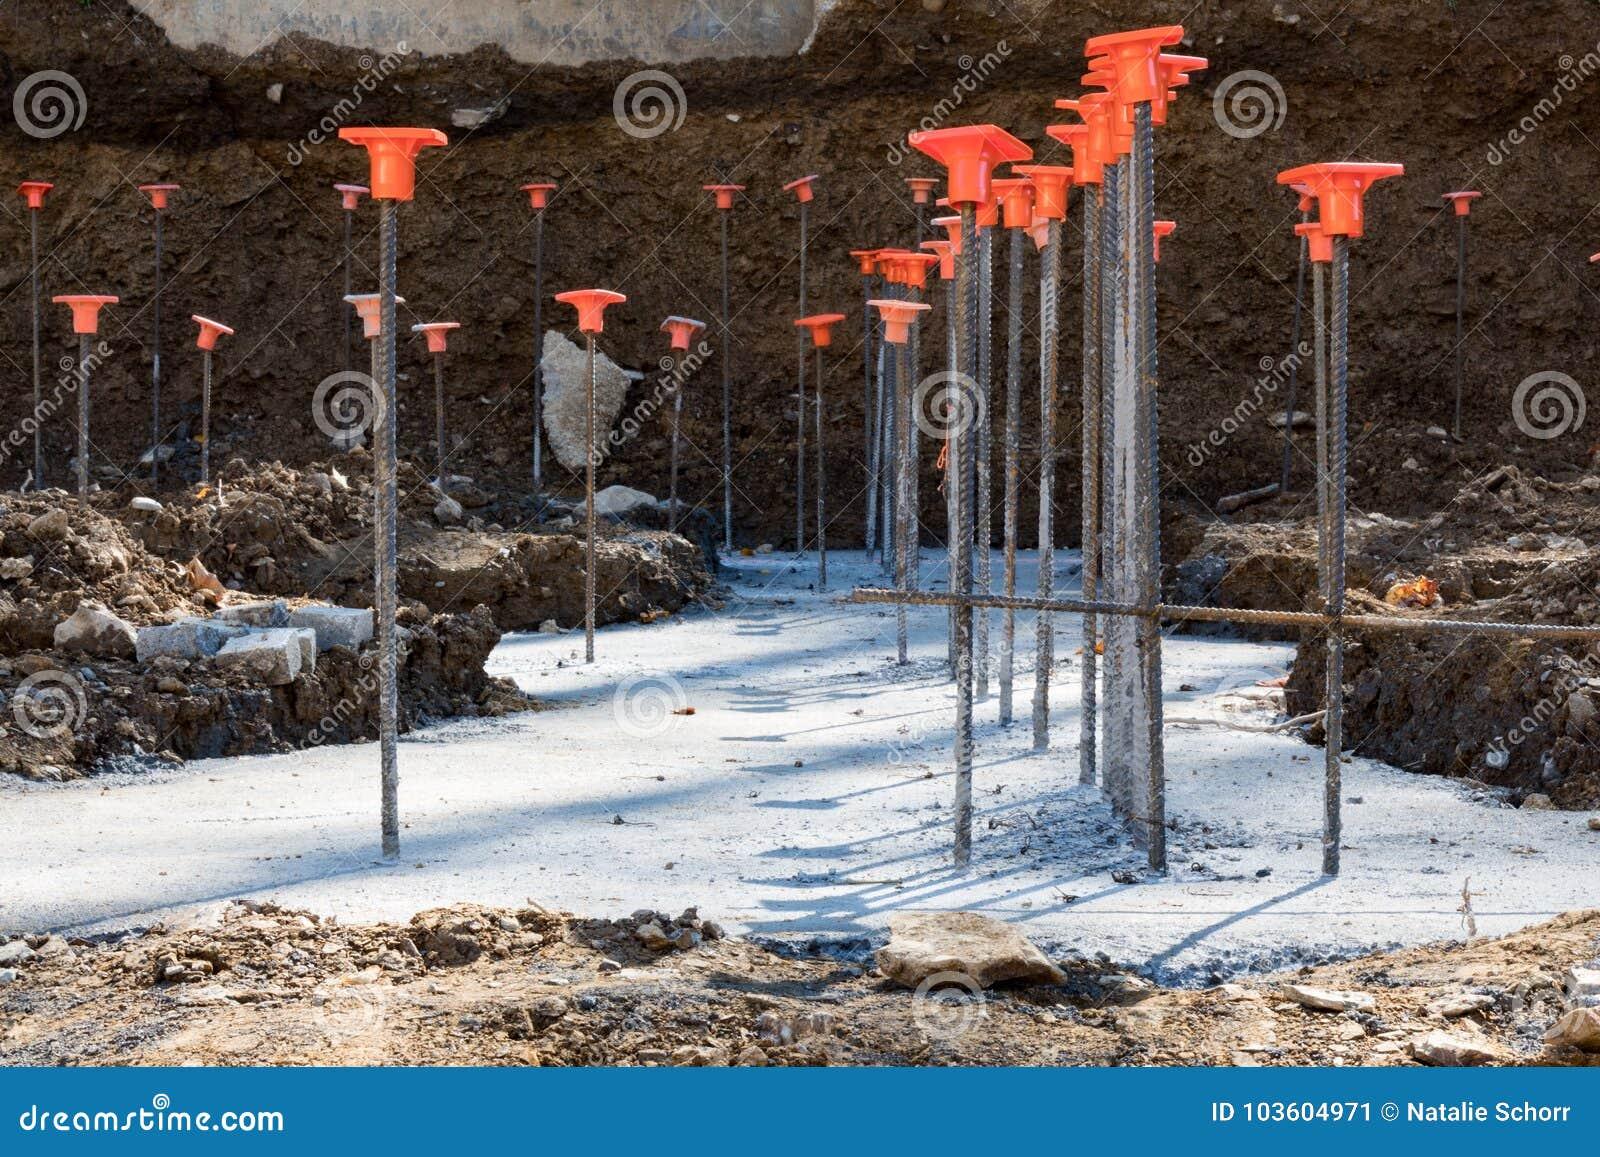 Línea de barras de acero del rebar en pies concretos vertidos